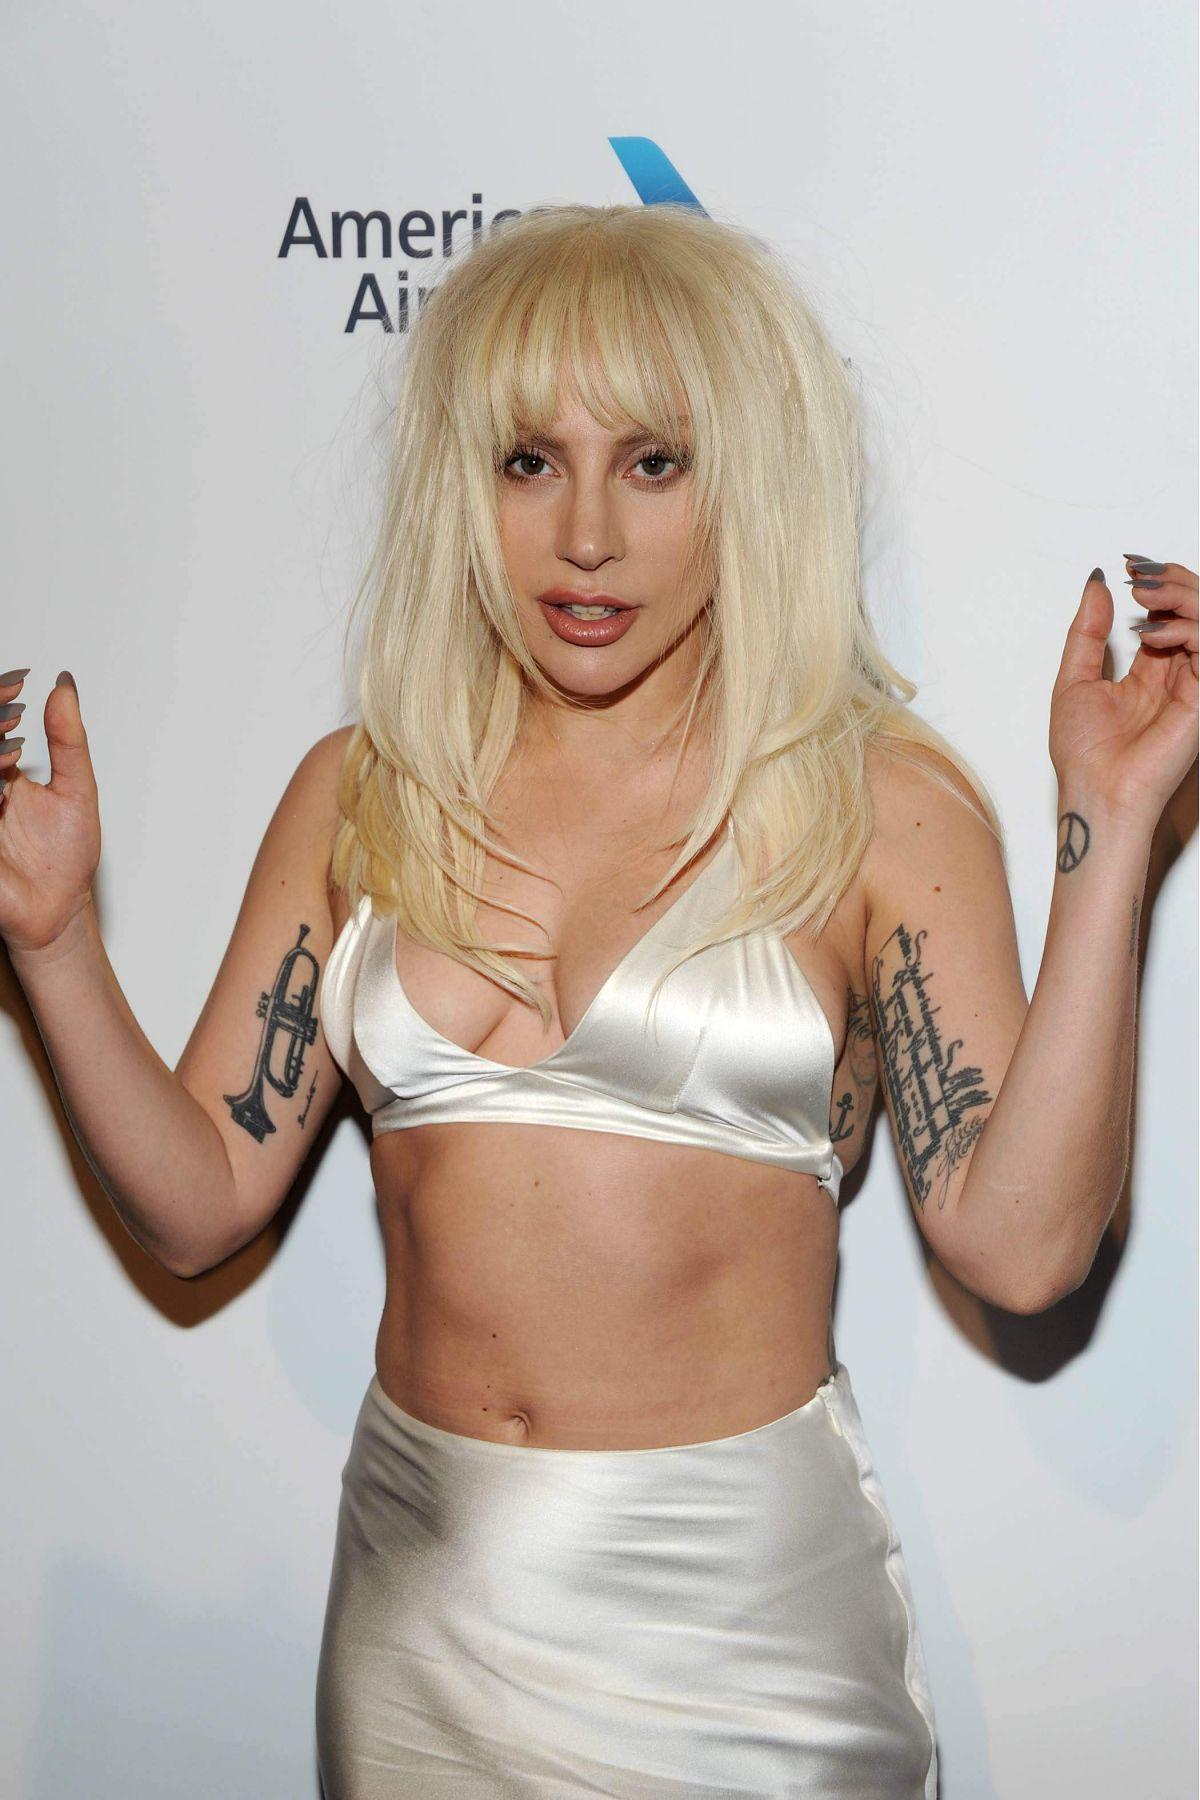 amator older big tits toples blonde